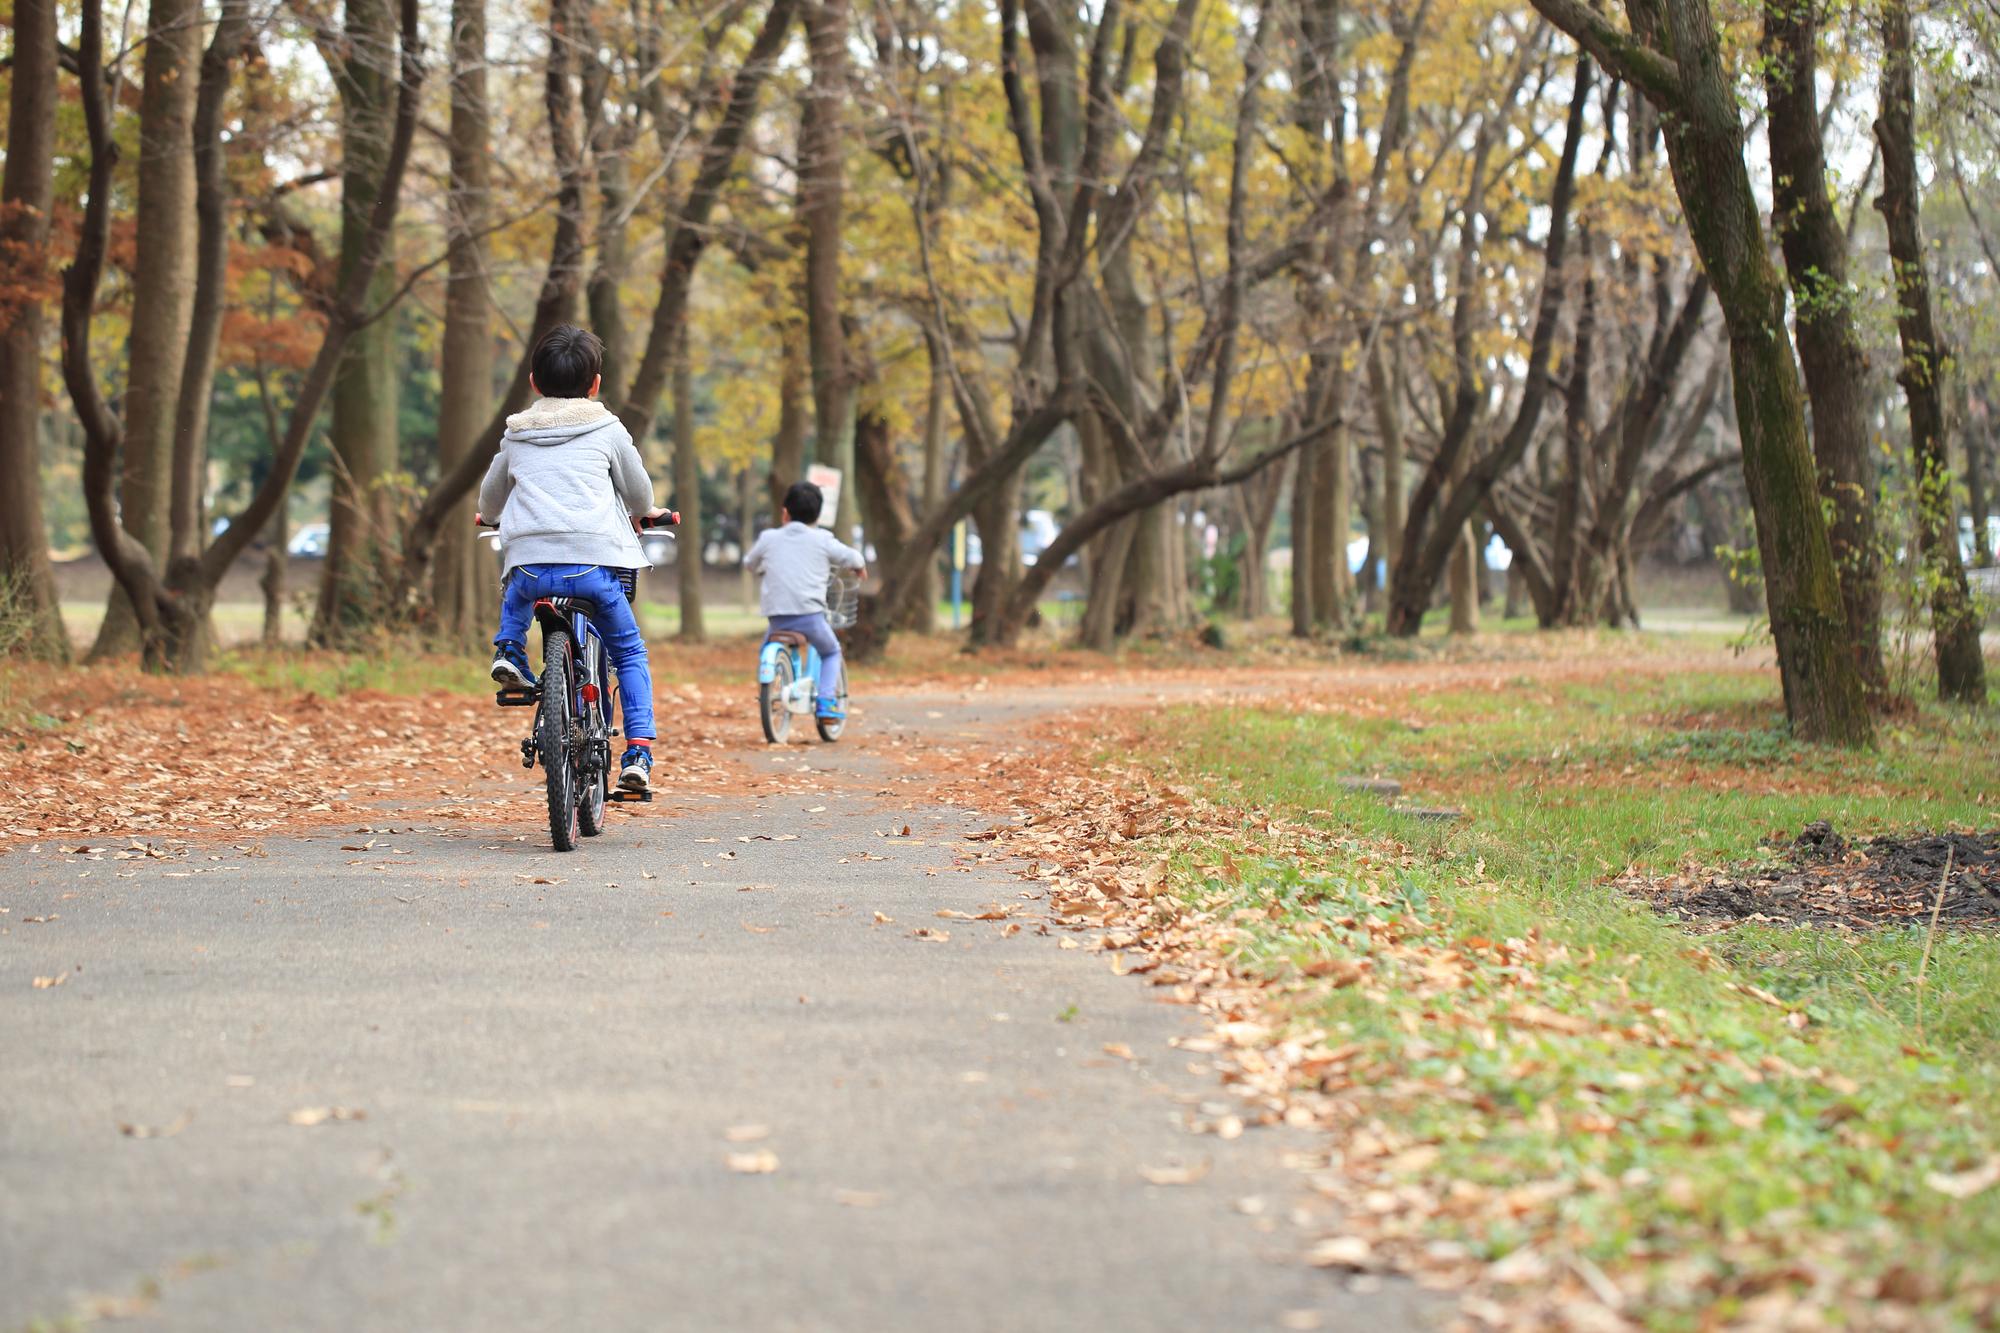 初めての自転車はどうする?子供用自転車を選ぶポイントとは?